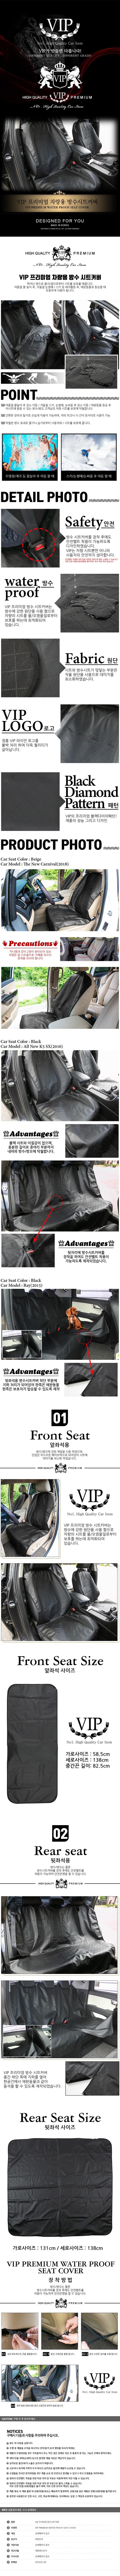 VIP 프리미엄 차량용 방수시트커버/애견 카시트